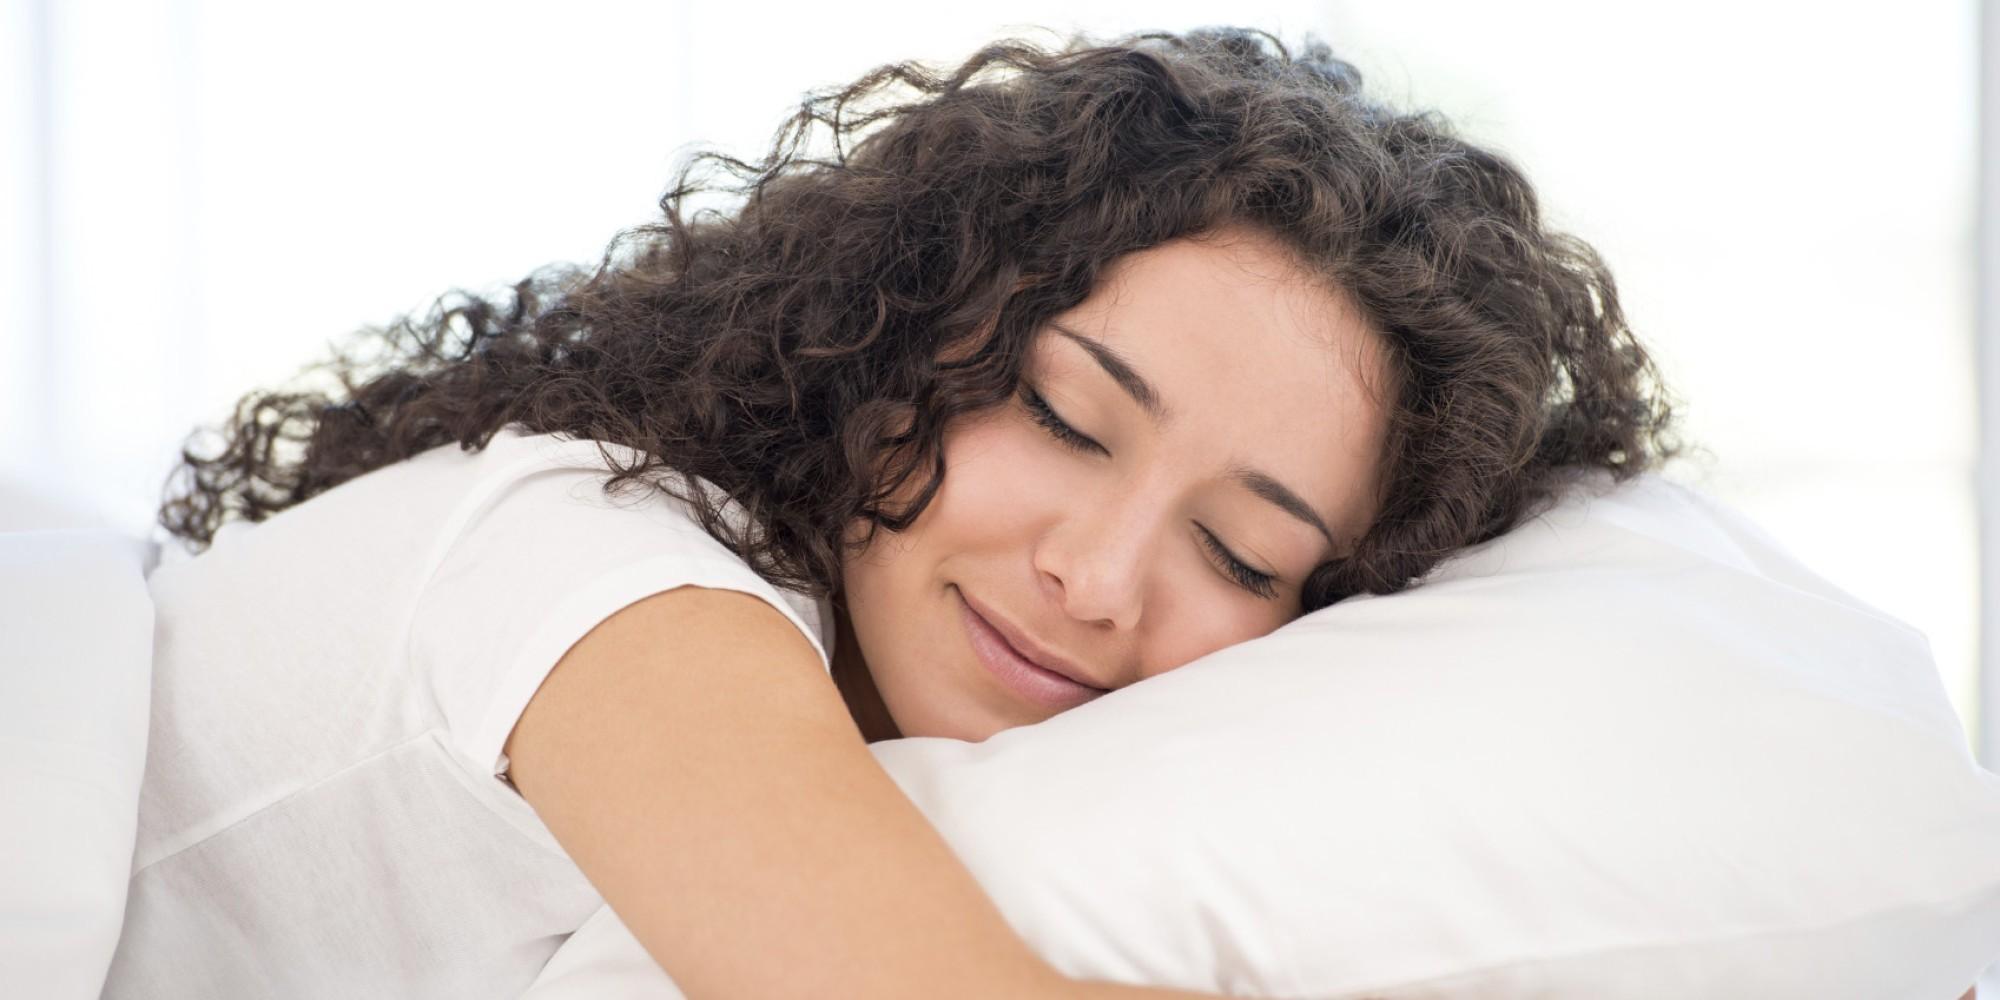 Falta de sono diminui a produtividade no trabalho, mas álcool não faz diferença, diz estudo